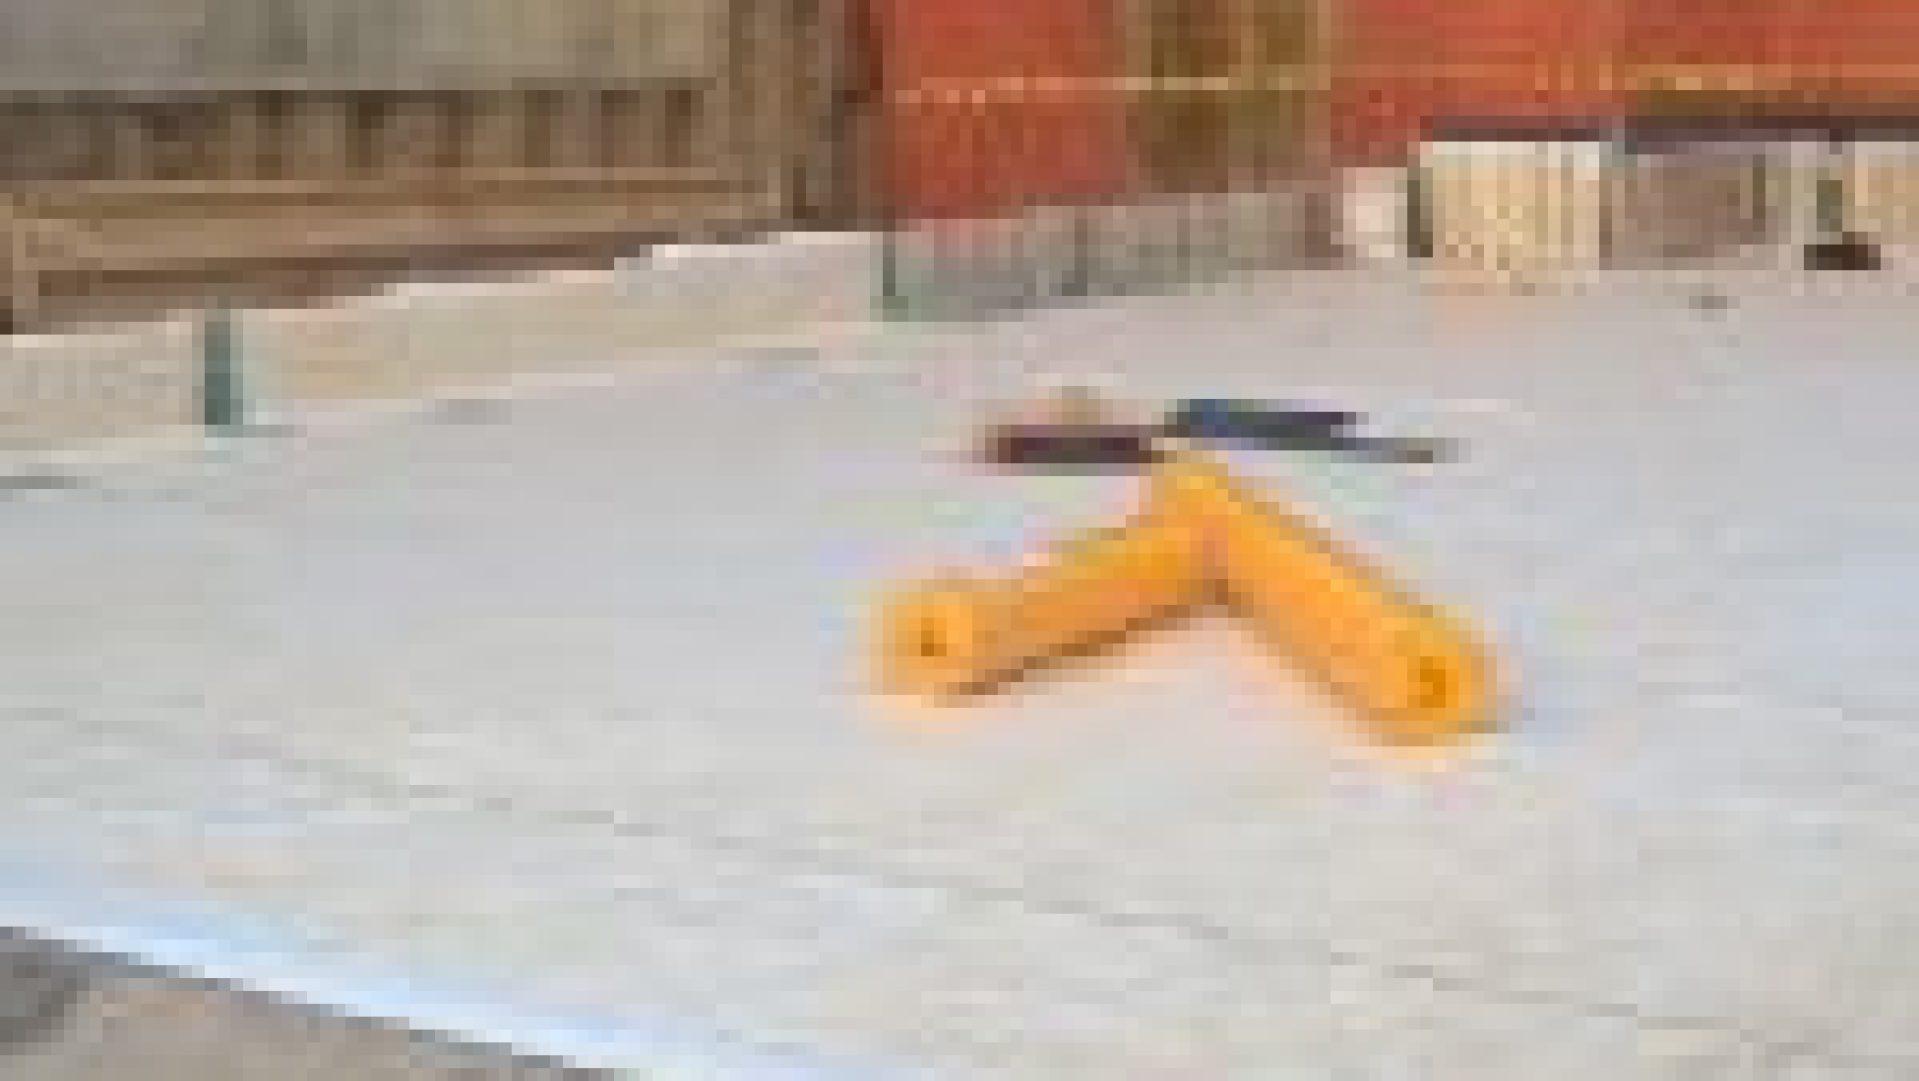 waterproofing-membrane-being installed